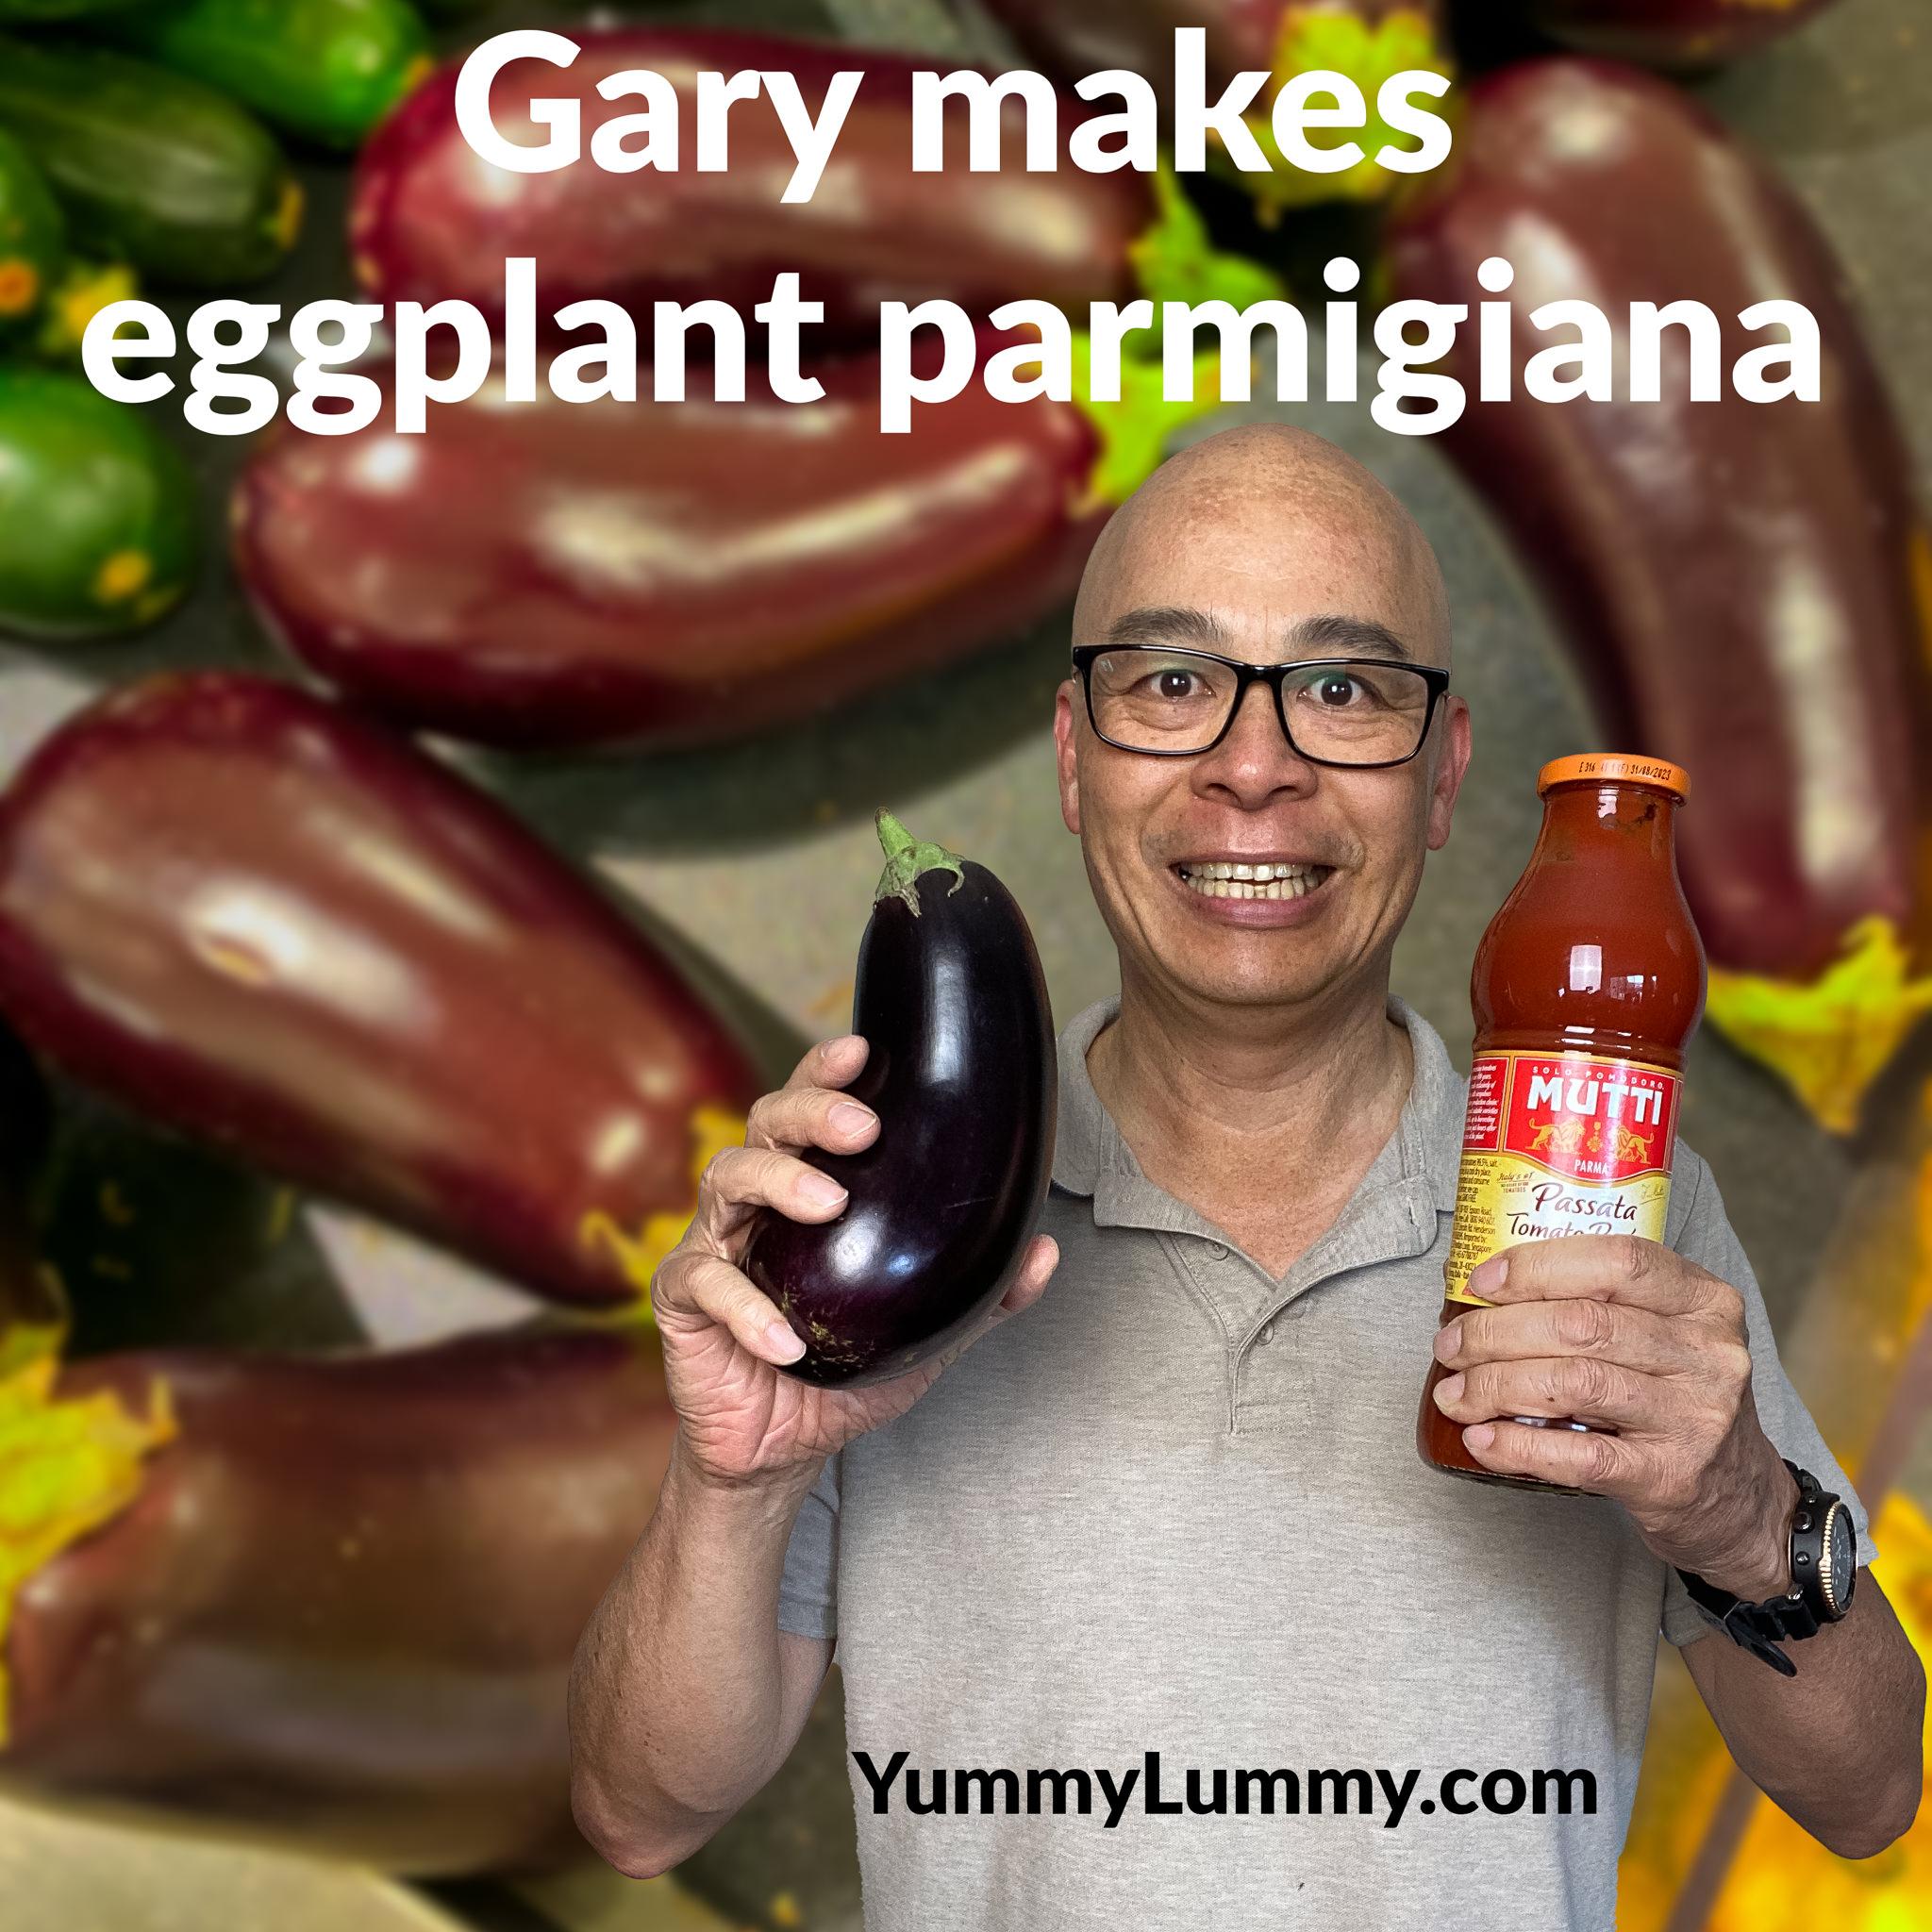 Gary makes eggplant parmigiana